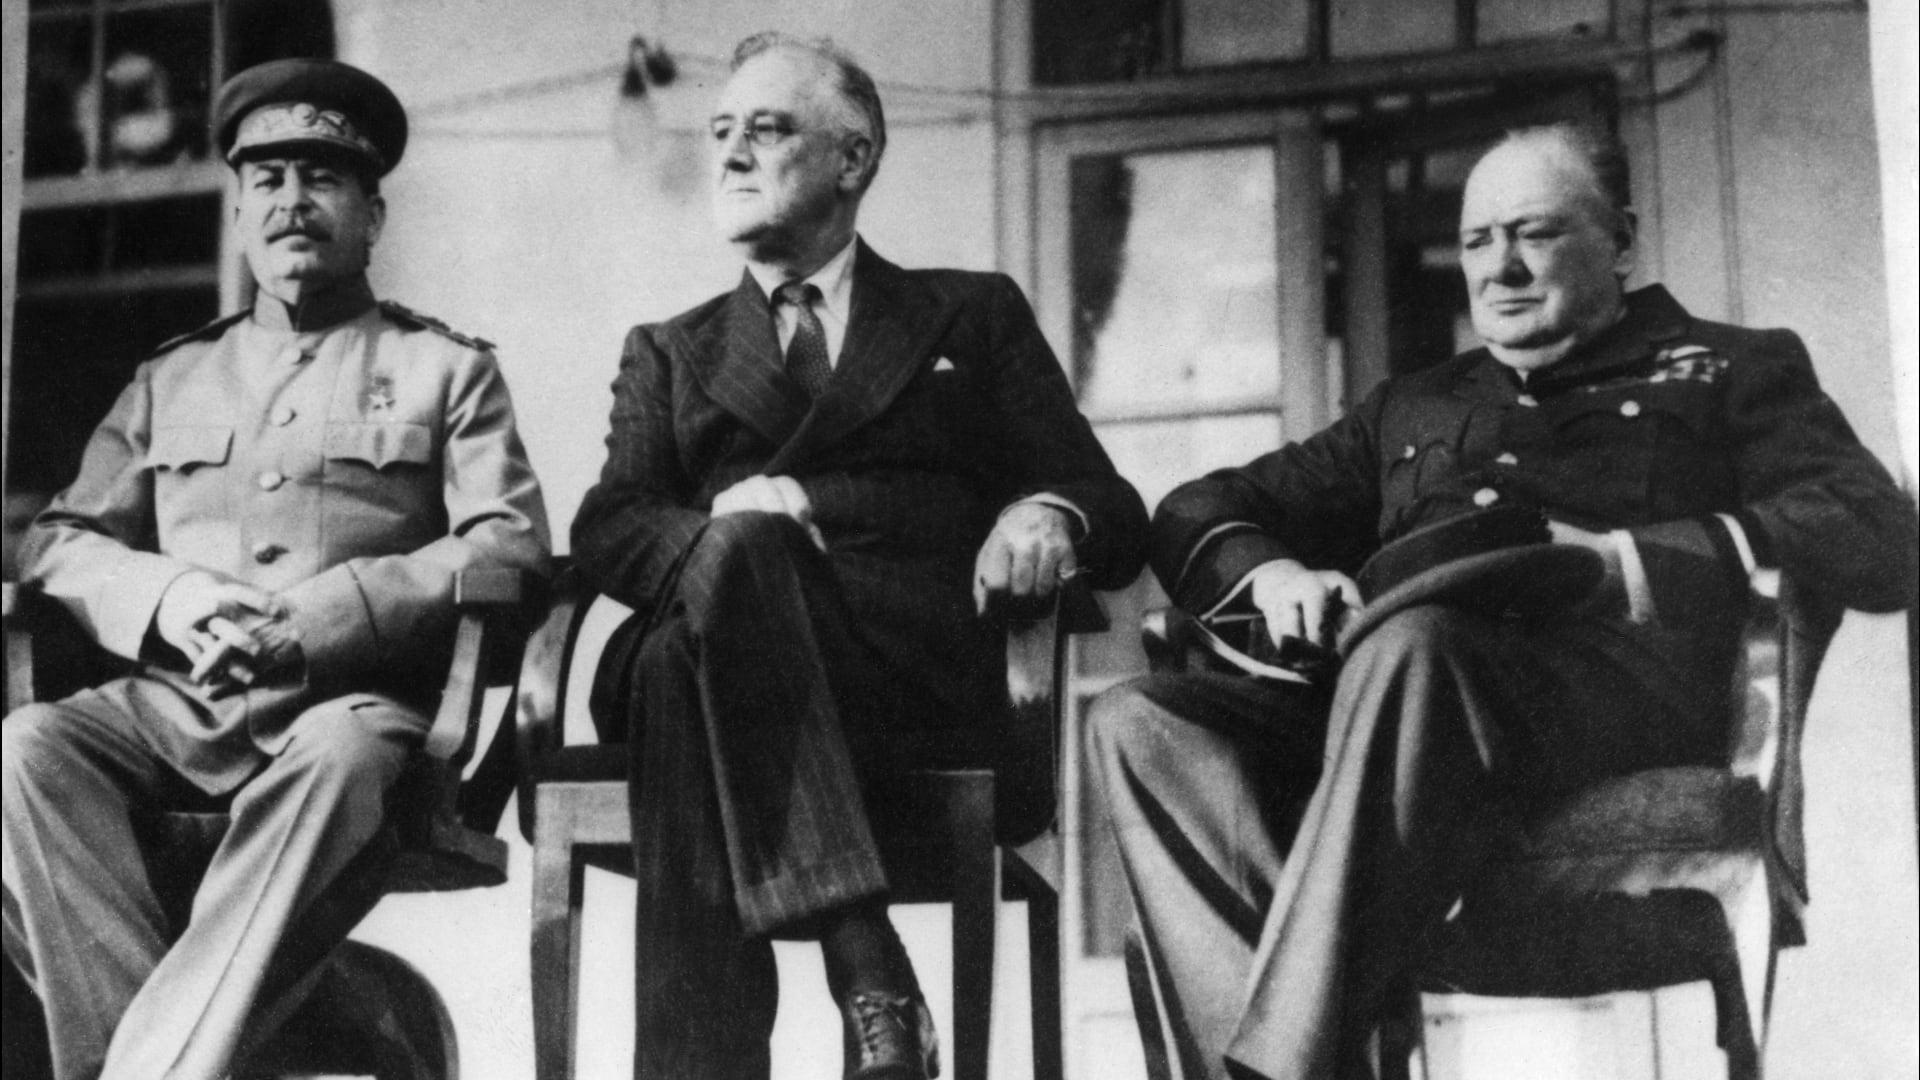 صورة أرشيفية من مشاركة جوزيف ستالين وونستون تشرشل وفرانكلين روزفلت في مؤتمر طهران عام 1943